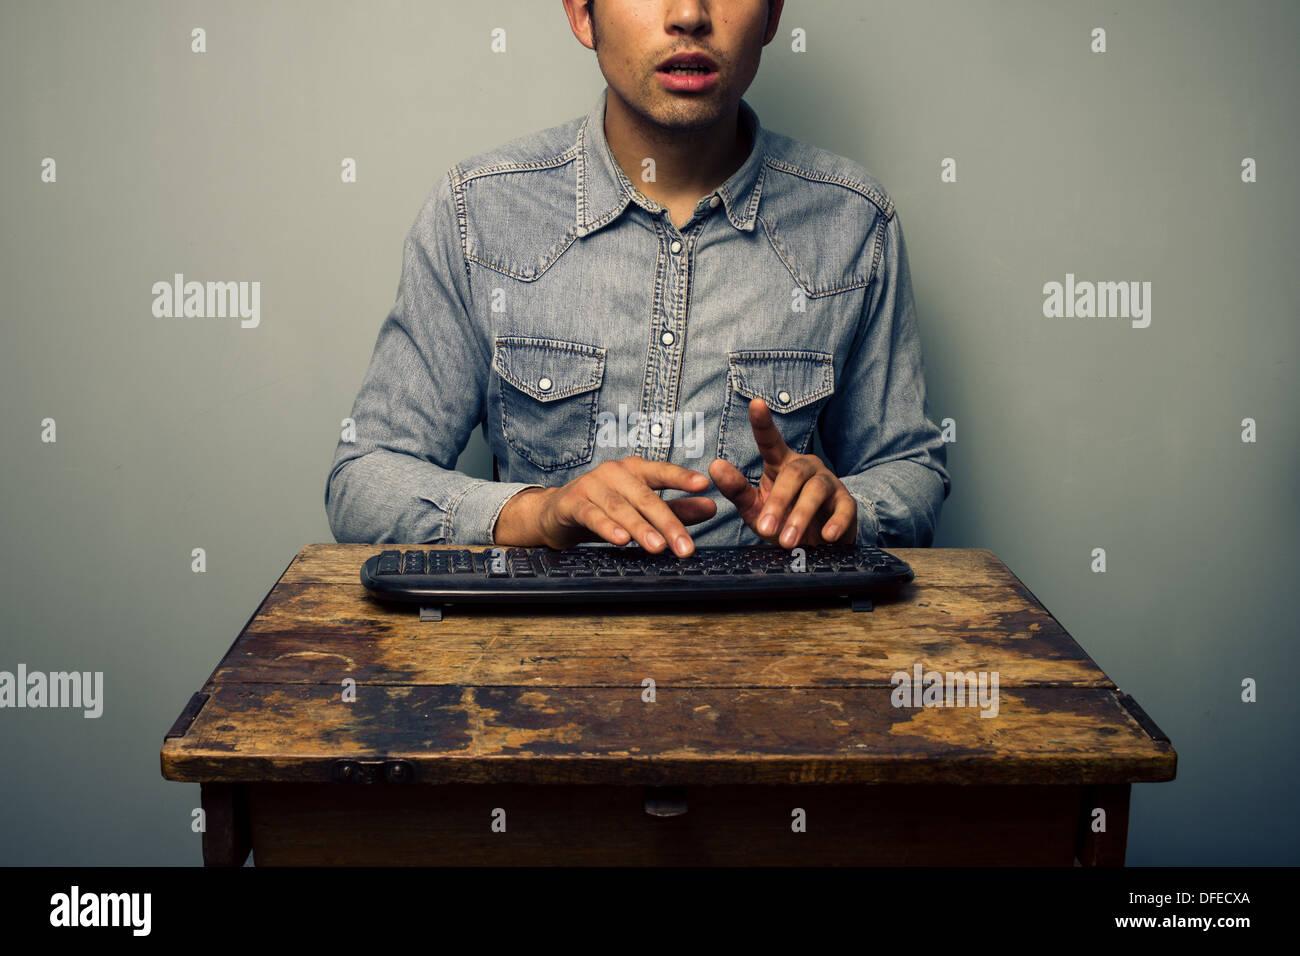 Giovane uomo è seduto su una vecchia scrivania in legno e digitando su una tastiera wireless Immagini Stock